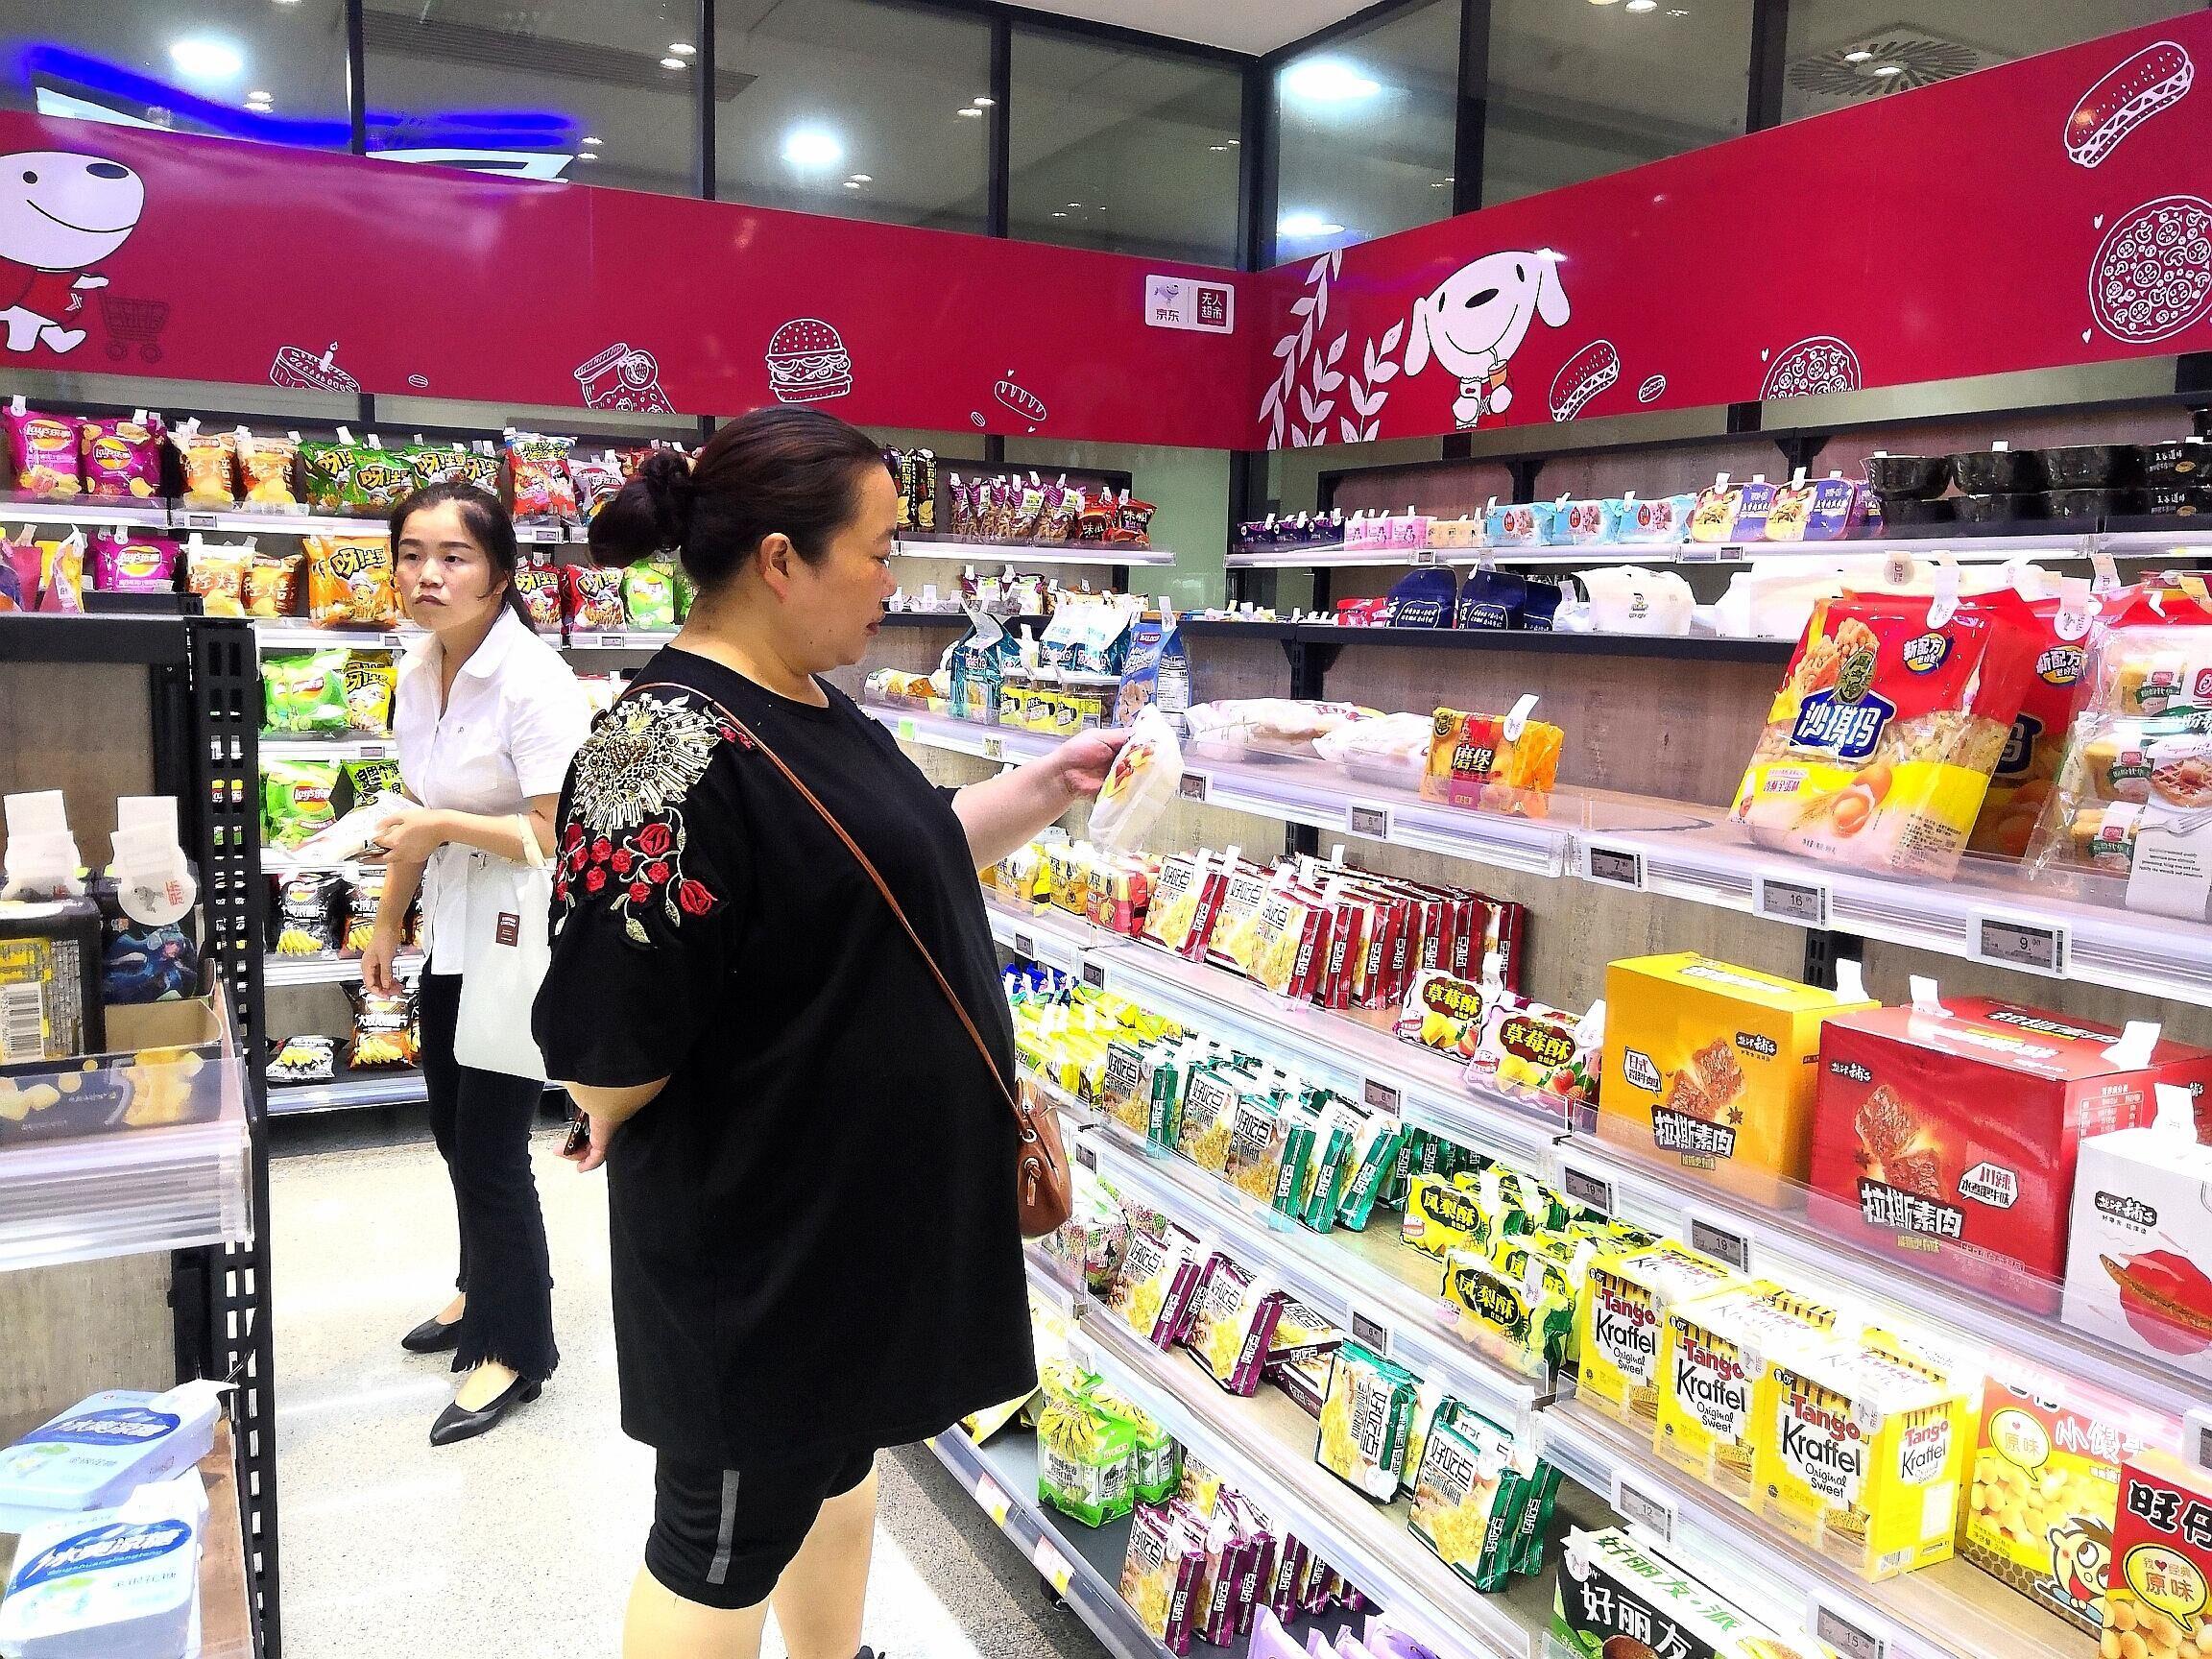 巨头相继退场,长沙无人超市从疯狂到理性